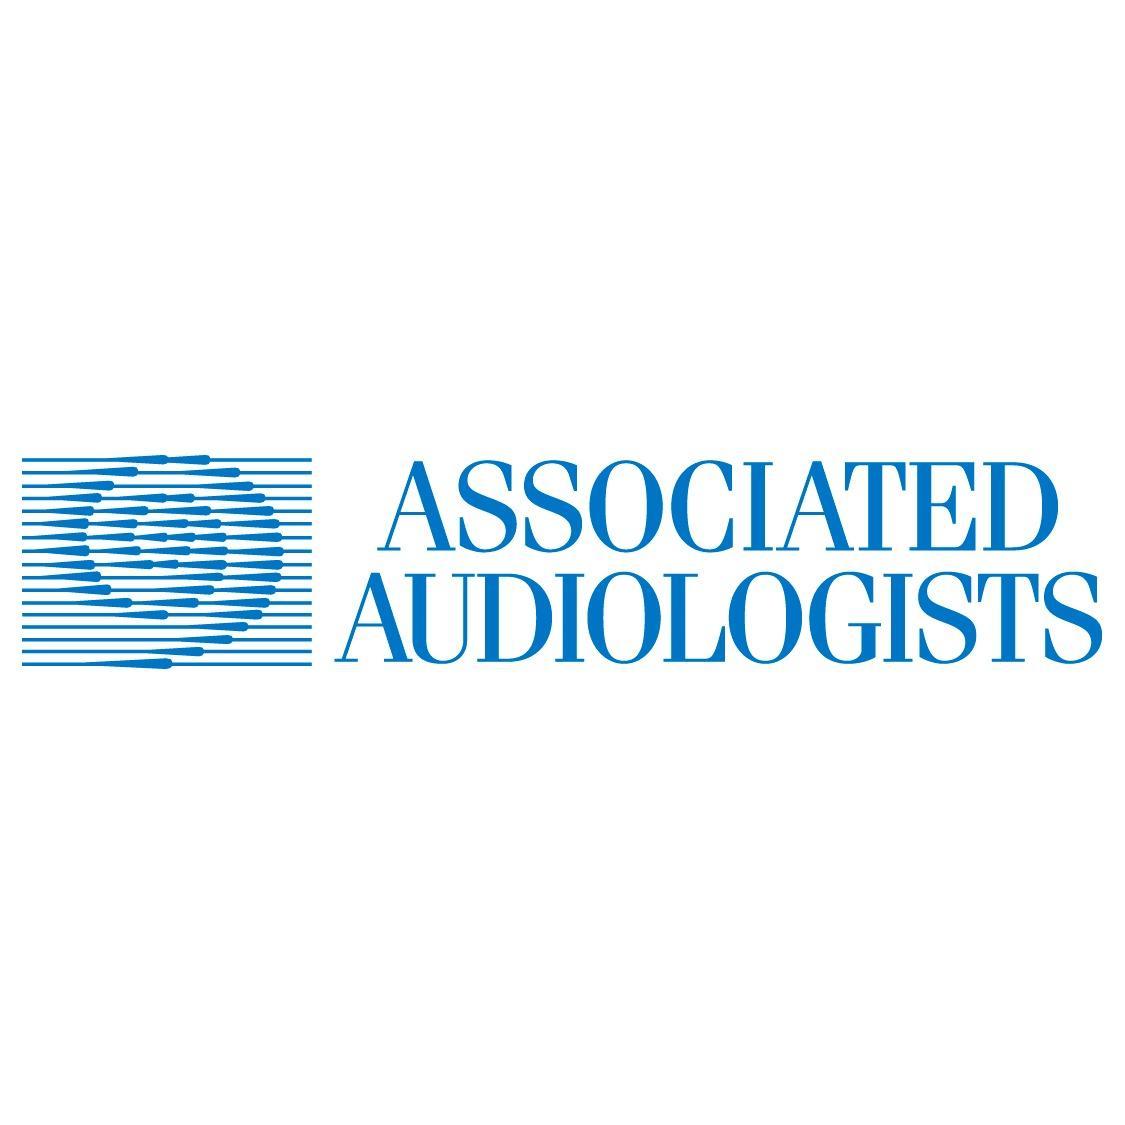 Associated Audiologists - Prairie Village, KS - Audiology & Speech